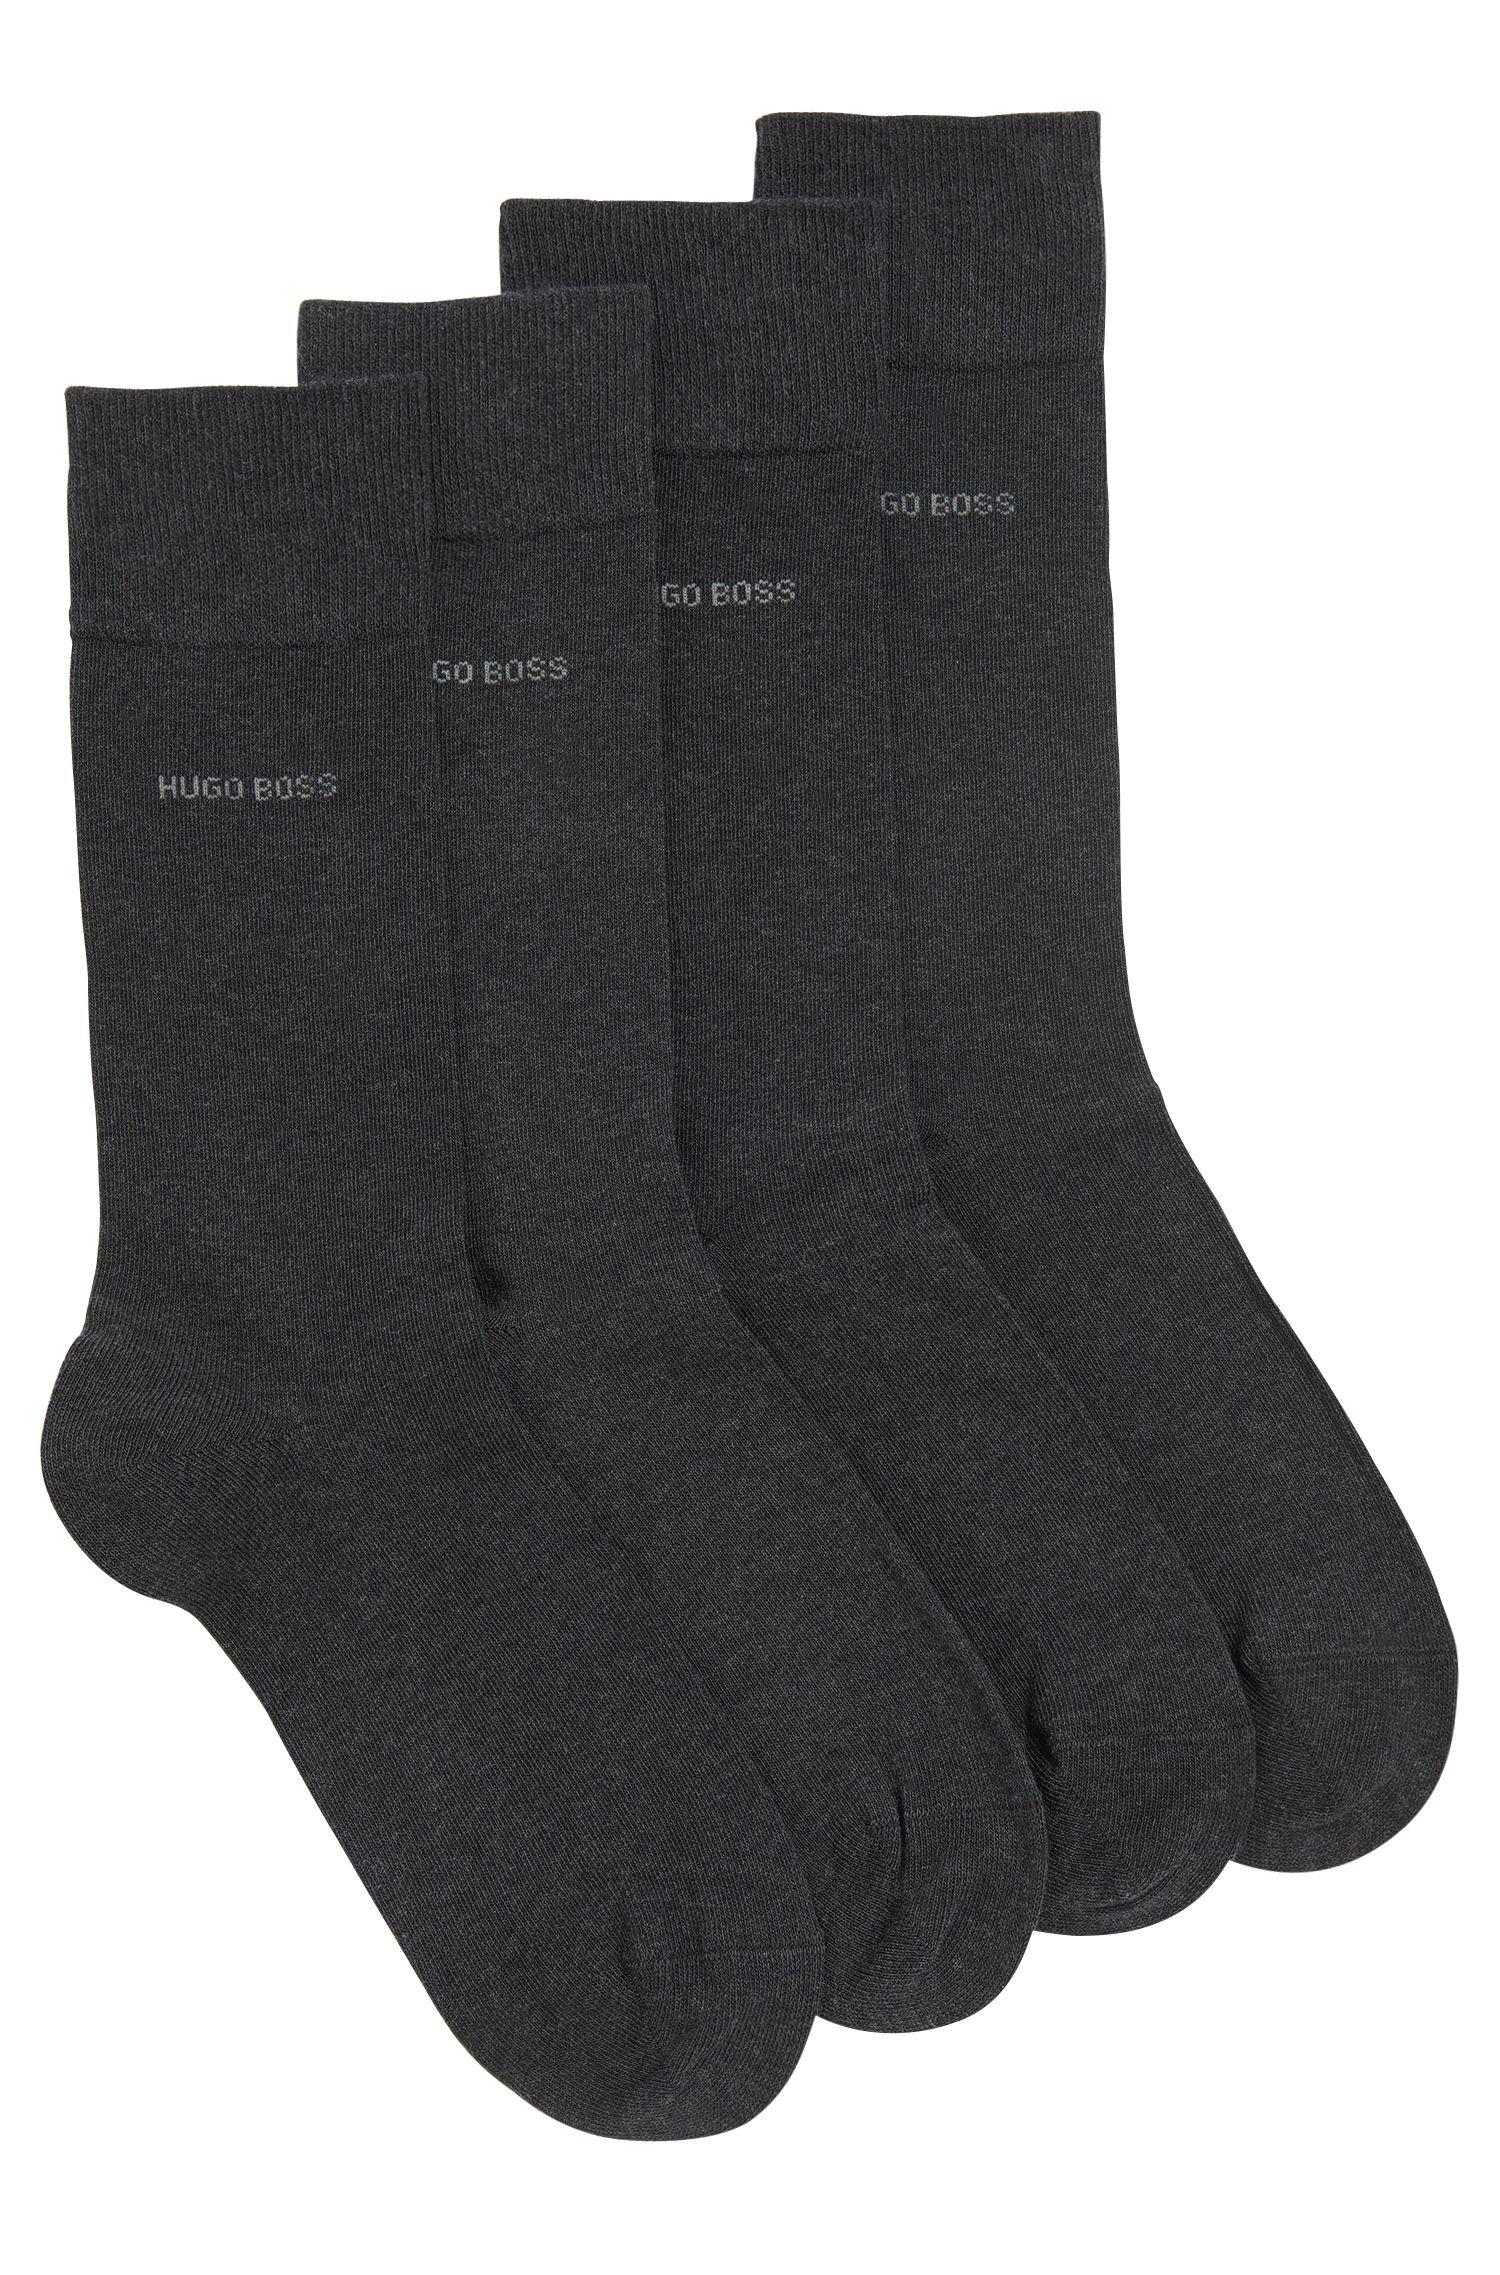 Zweier-Pack Socken aus elastischem Baumwoll-Mix , Anthrazit